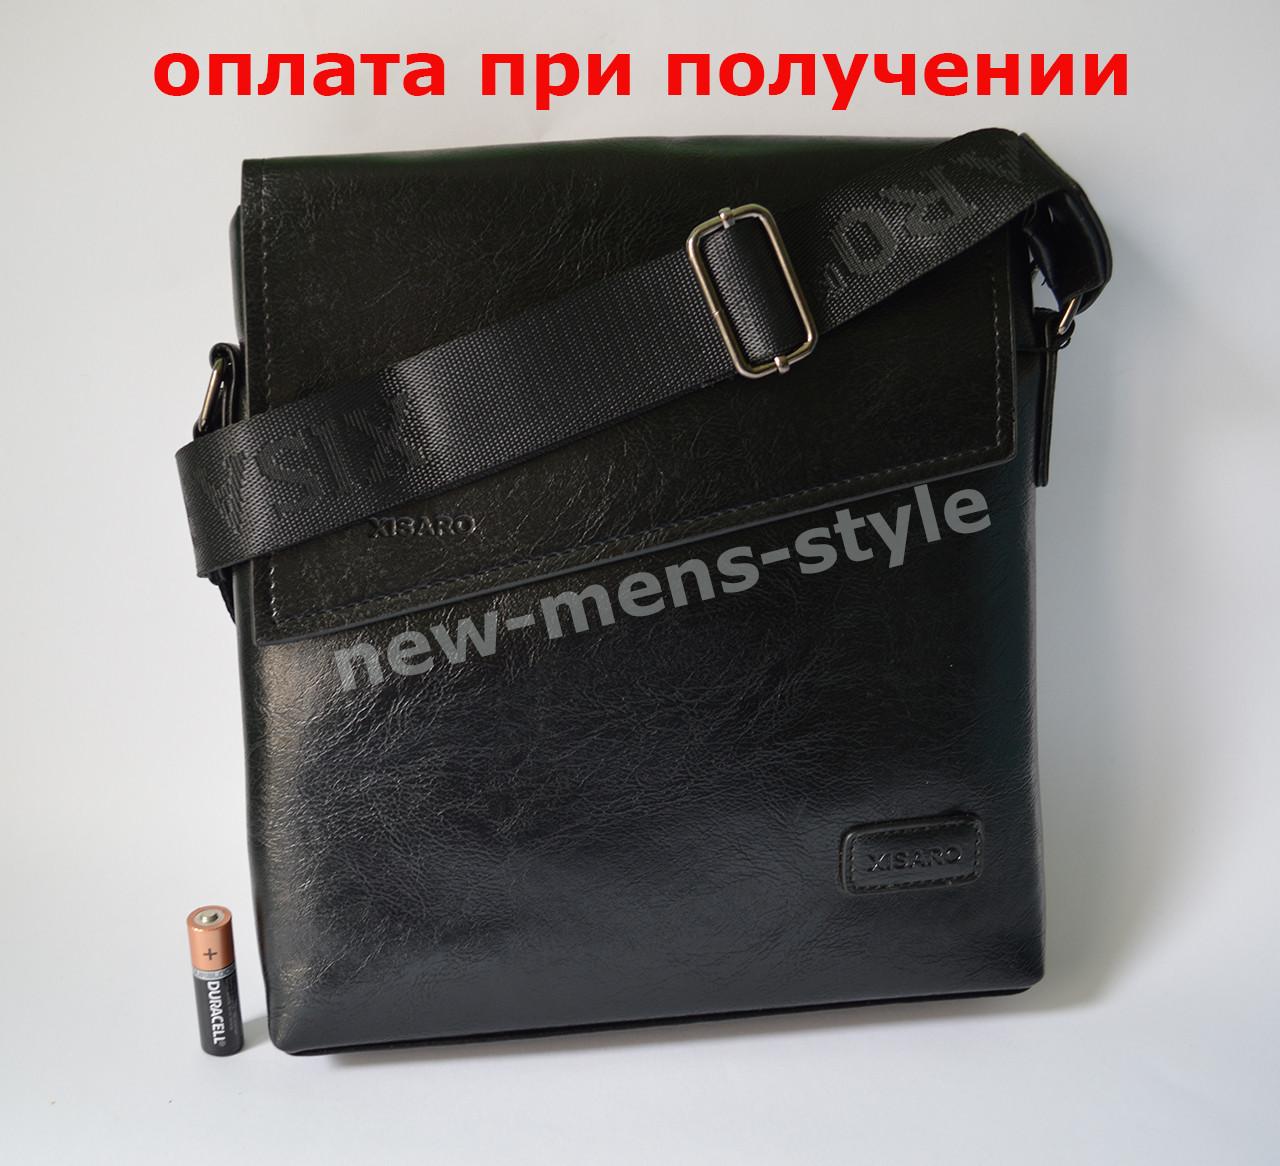 Мужская кожаная фирменная сумка барсетка XISARO классика купить